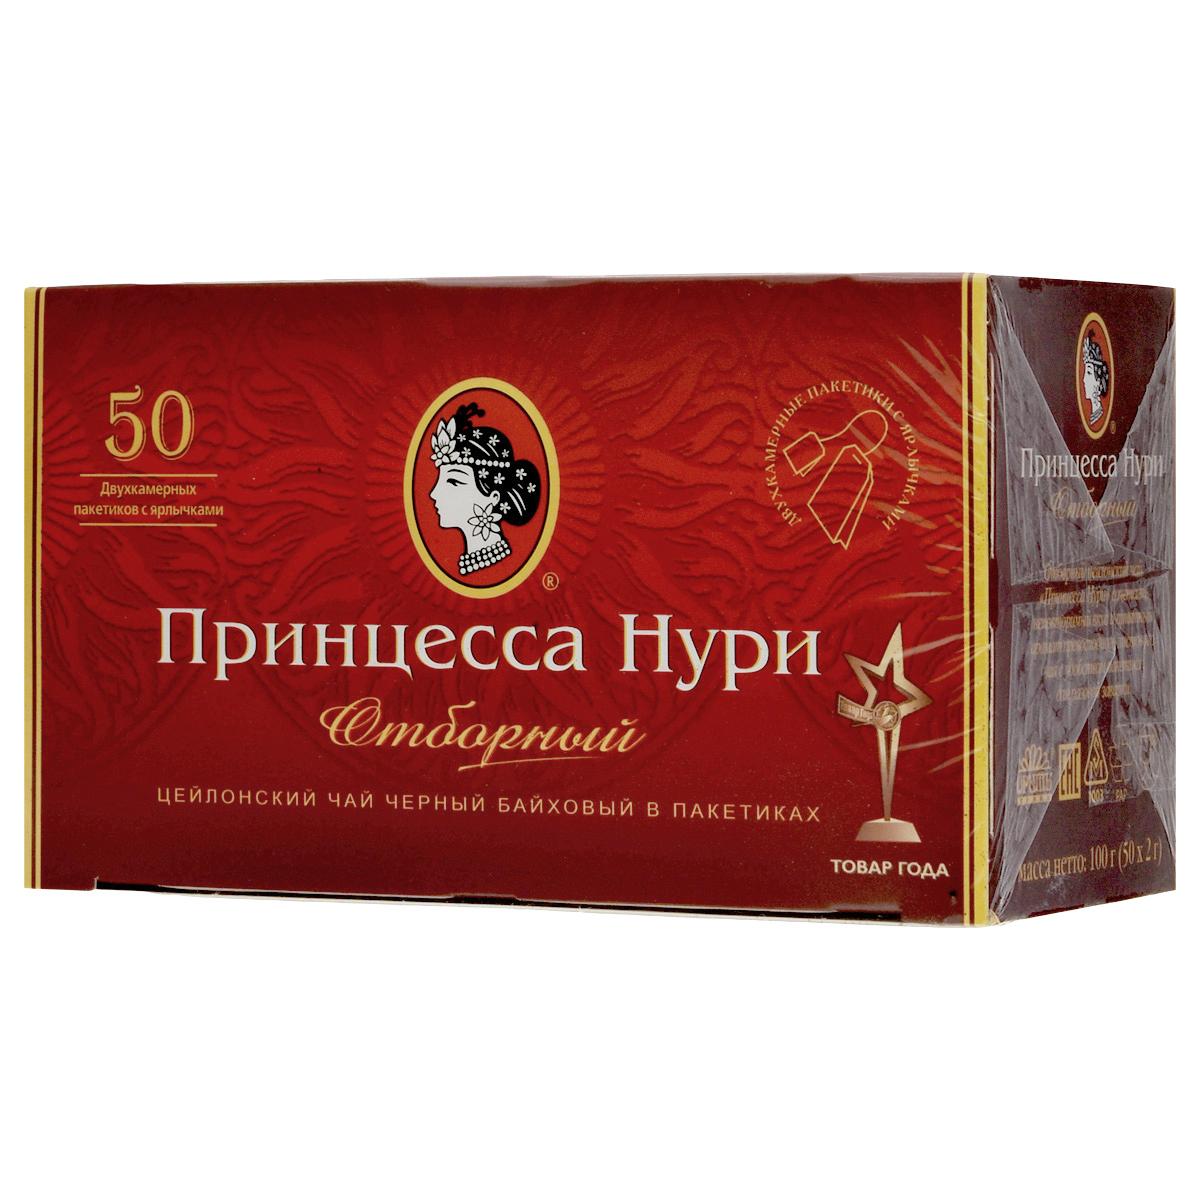 Принцесса Нури Отборный черный чай в пакетиках, 50 шт0326-36Пакетированный черный чай Принцесса Нури Отборный сочетает в себе благородный вкус и нежный аромат превосходного листового цейлонского чая.